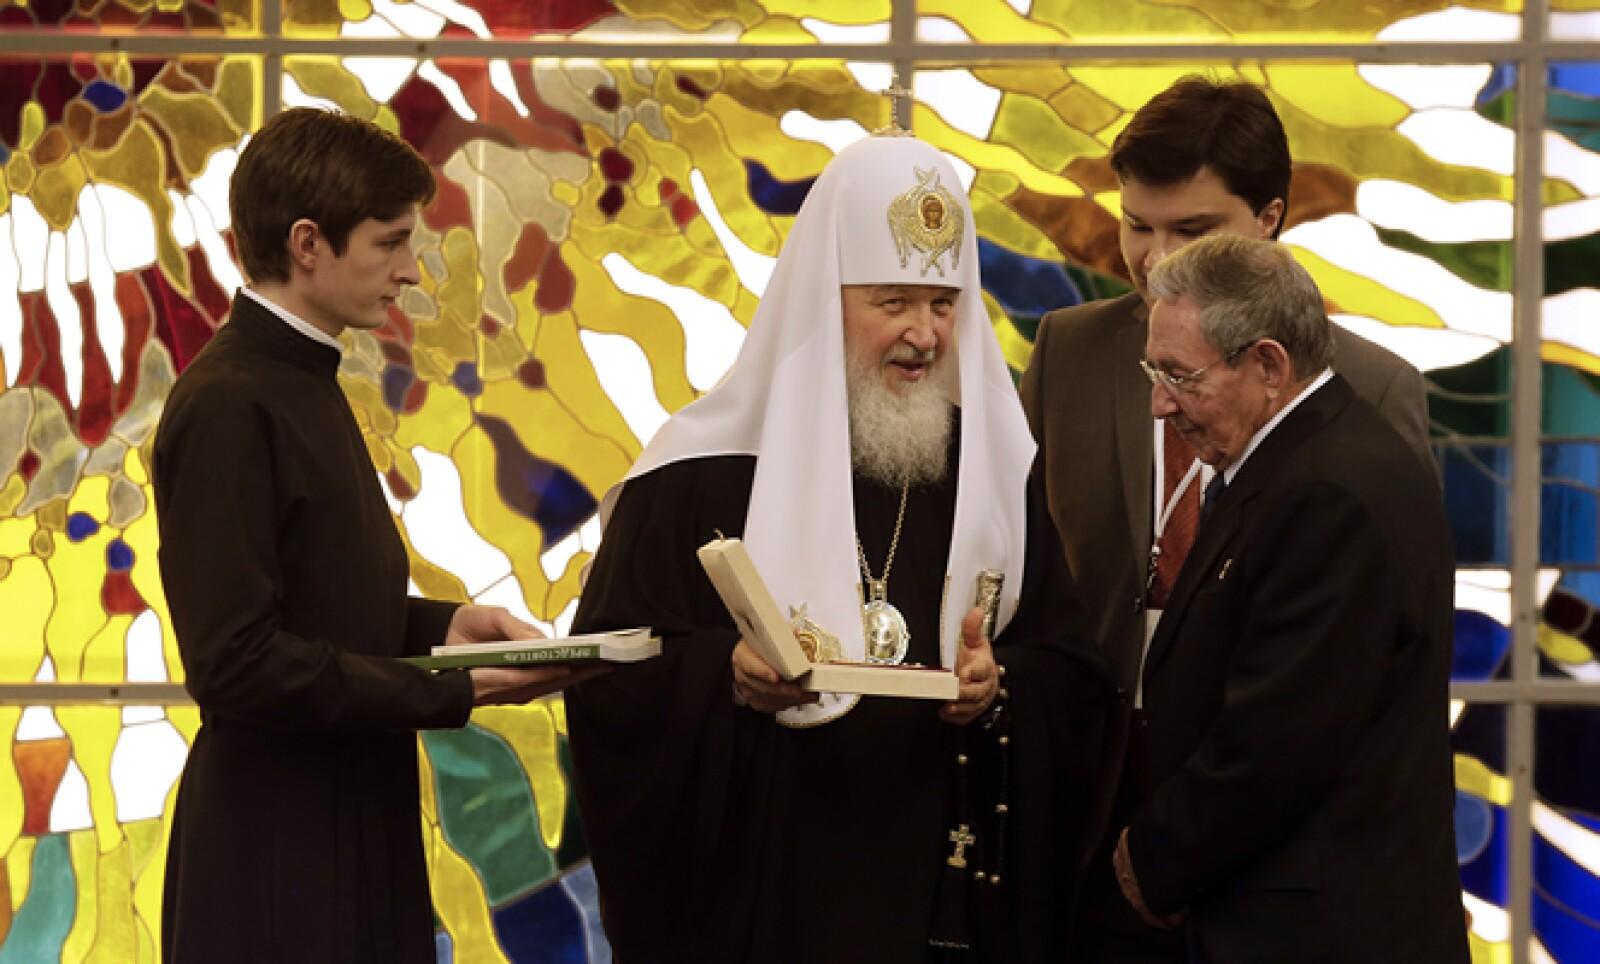 El presidente de Cuba fue quien organizó el encuentro entre ambas figuras eclesiásticas.